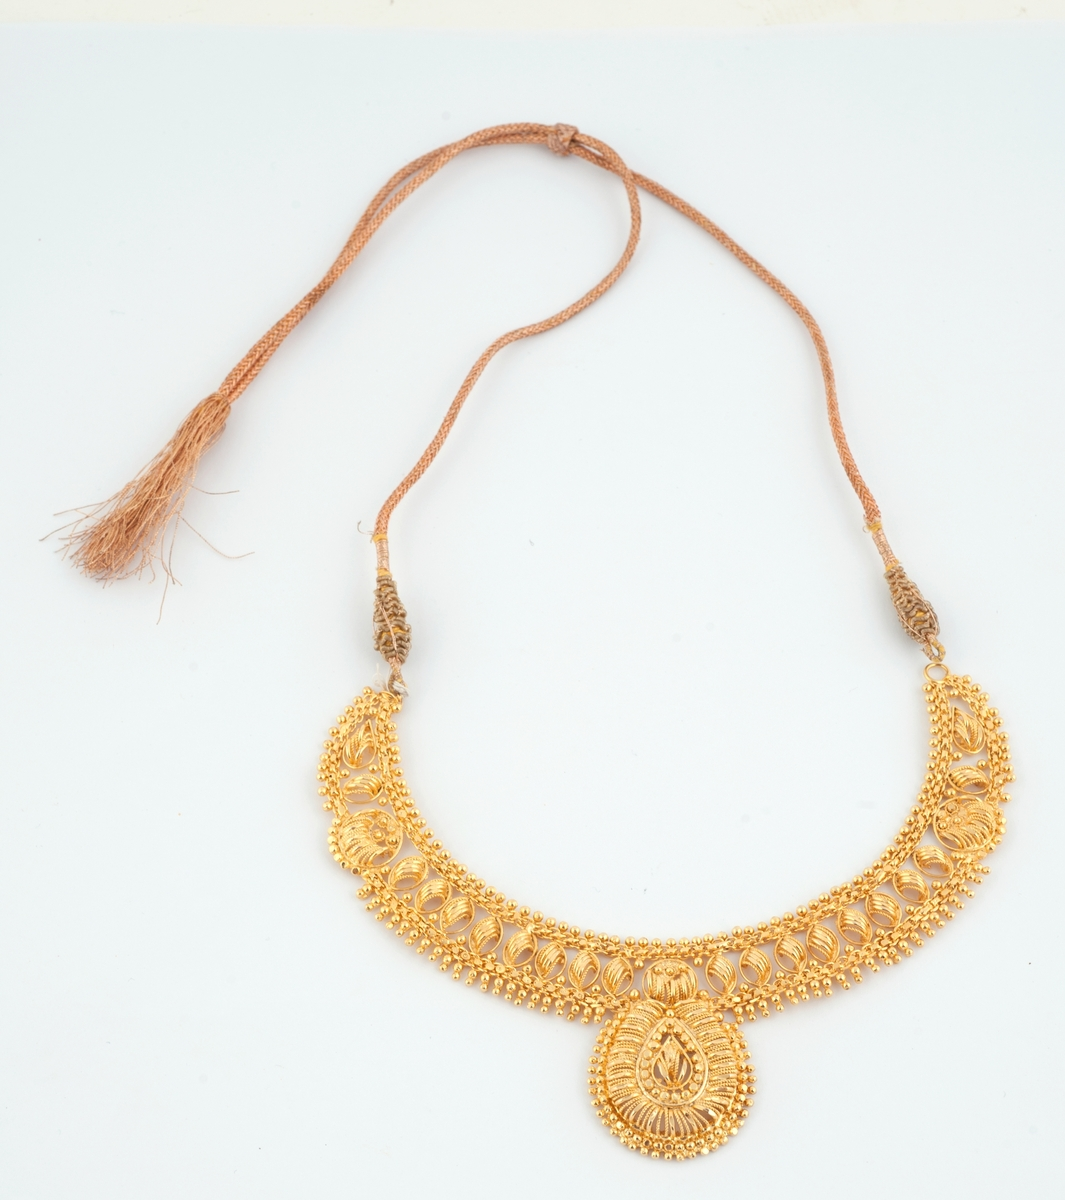 Gullfargede smykker til brudedrakt. Består av 9 armringer, et par øreheng, 2 halssmykker og 2 anheng = ukjent bruk